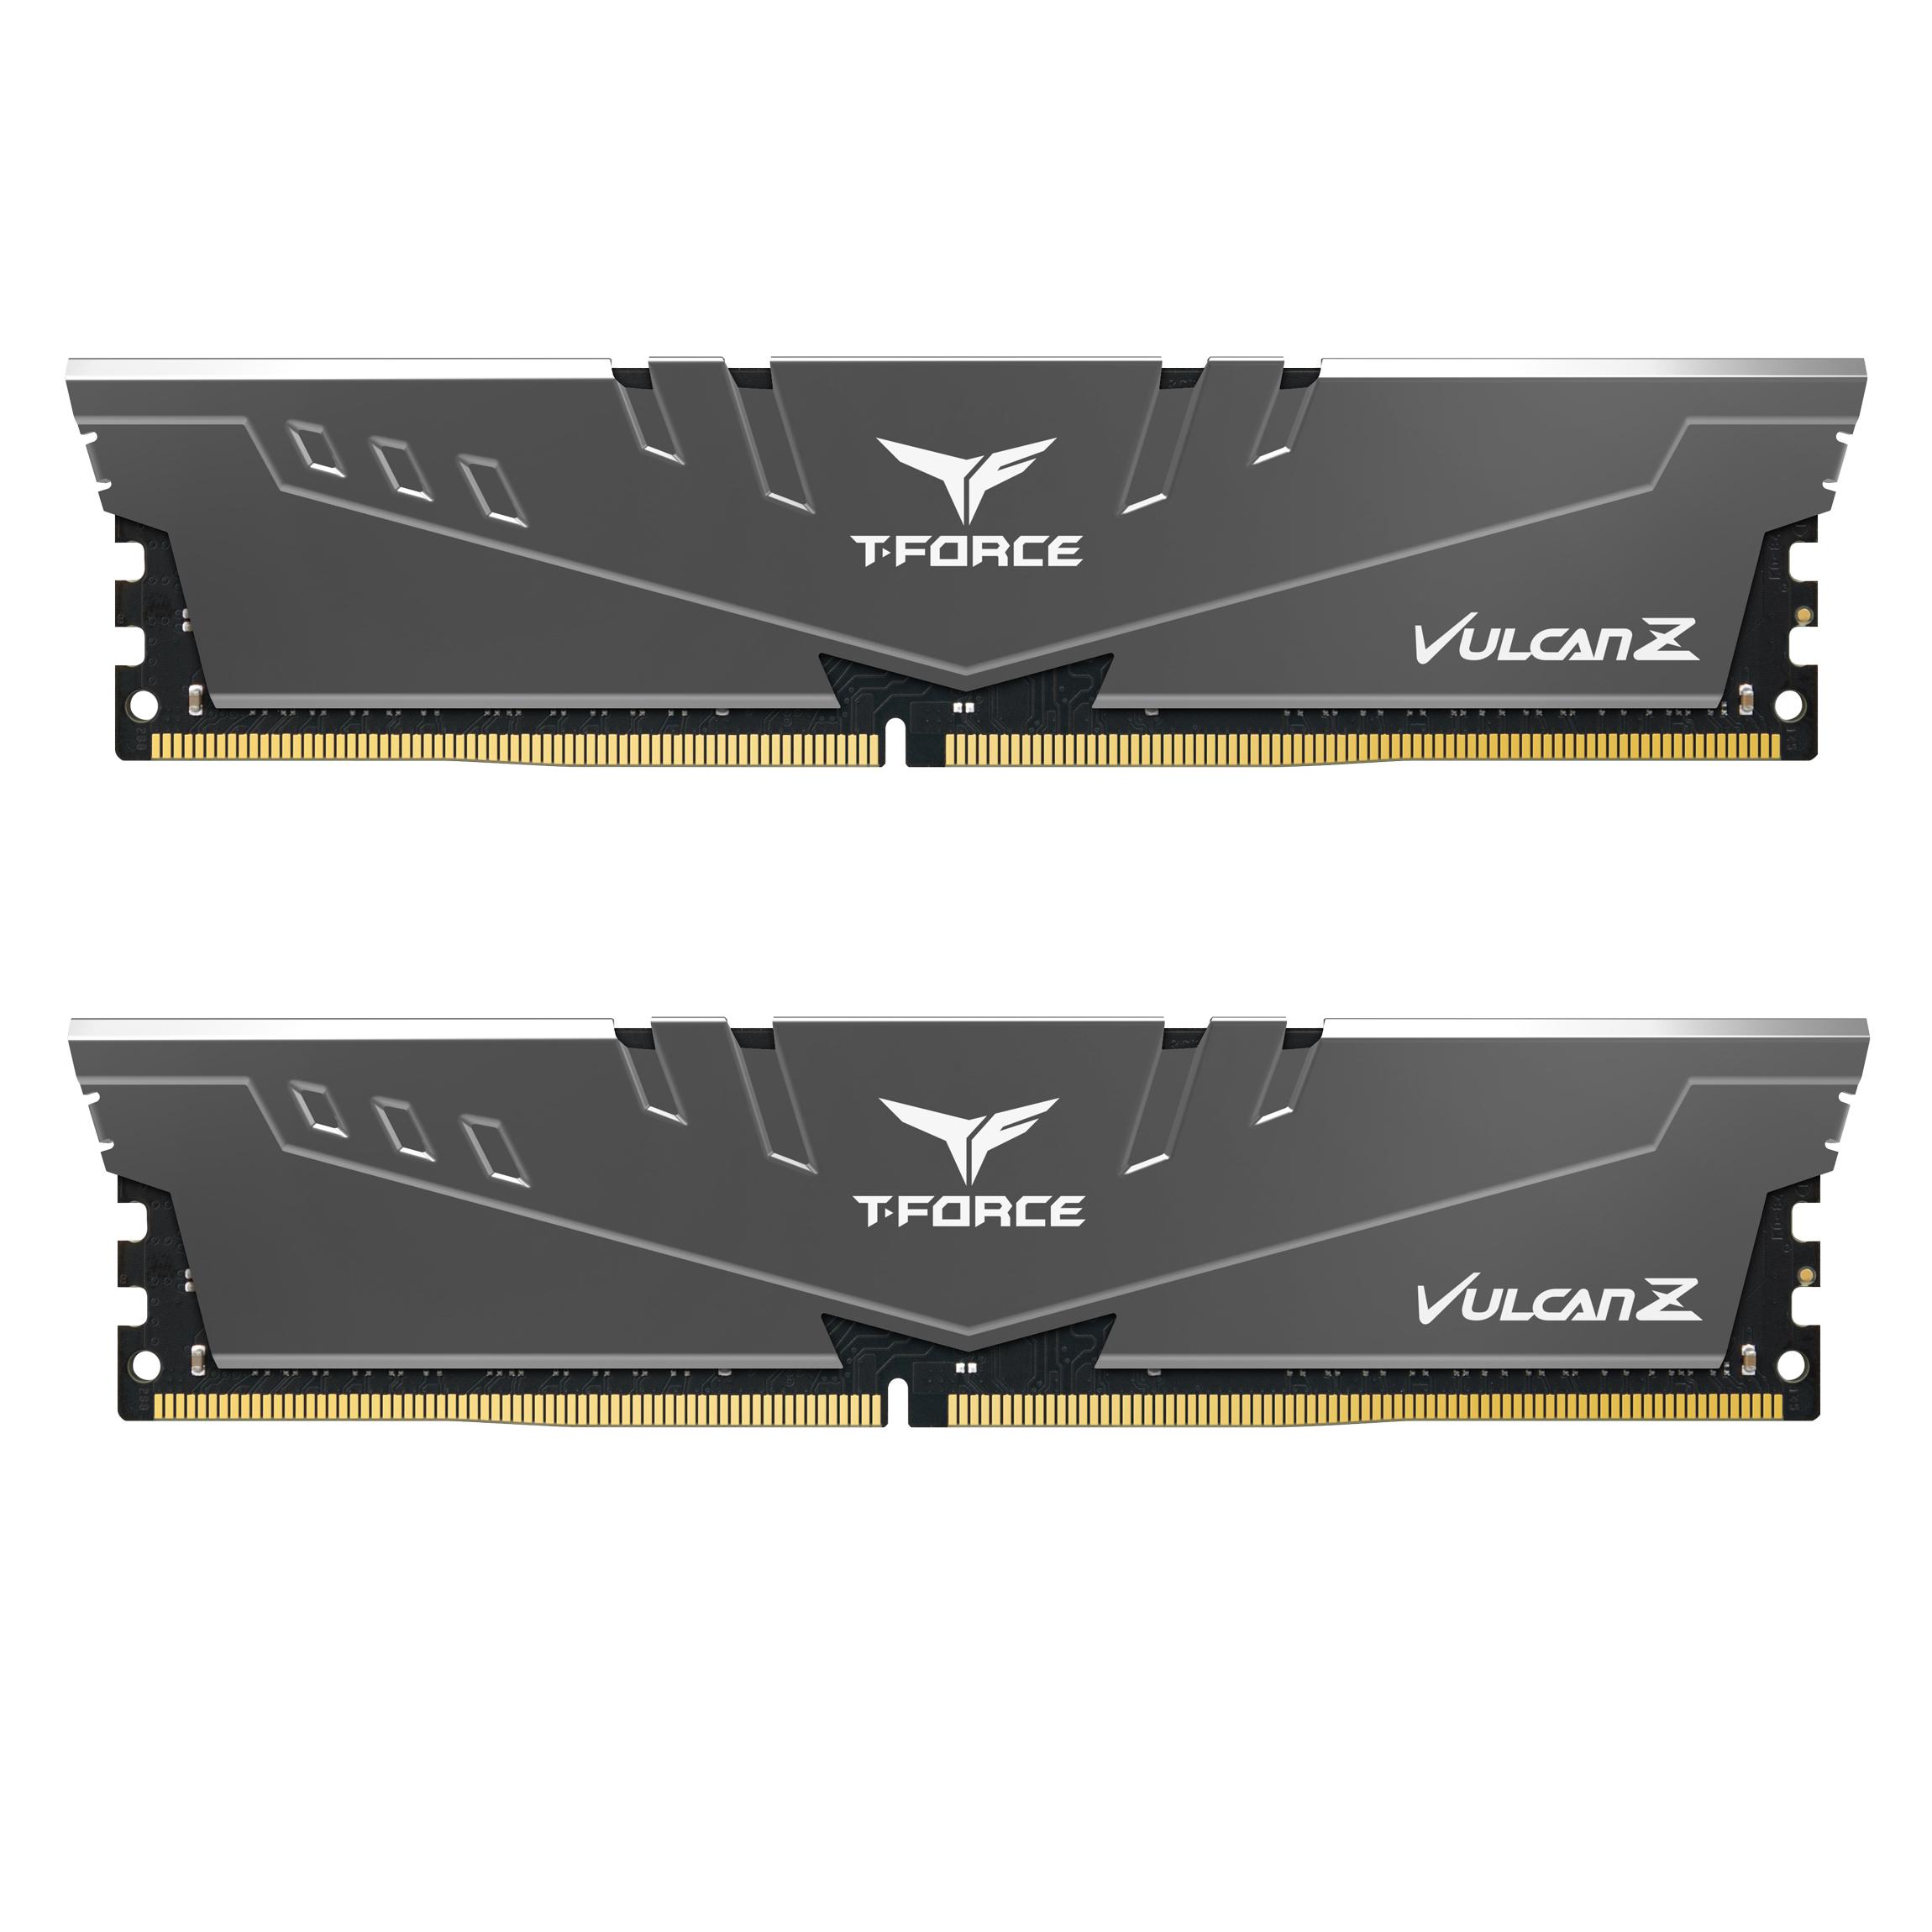 Teamgroup Vulcan Z 16GB Kit (2x8GB) DDR4-3000 DIMM PC4-24000 CL16, 1.35V